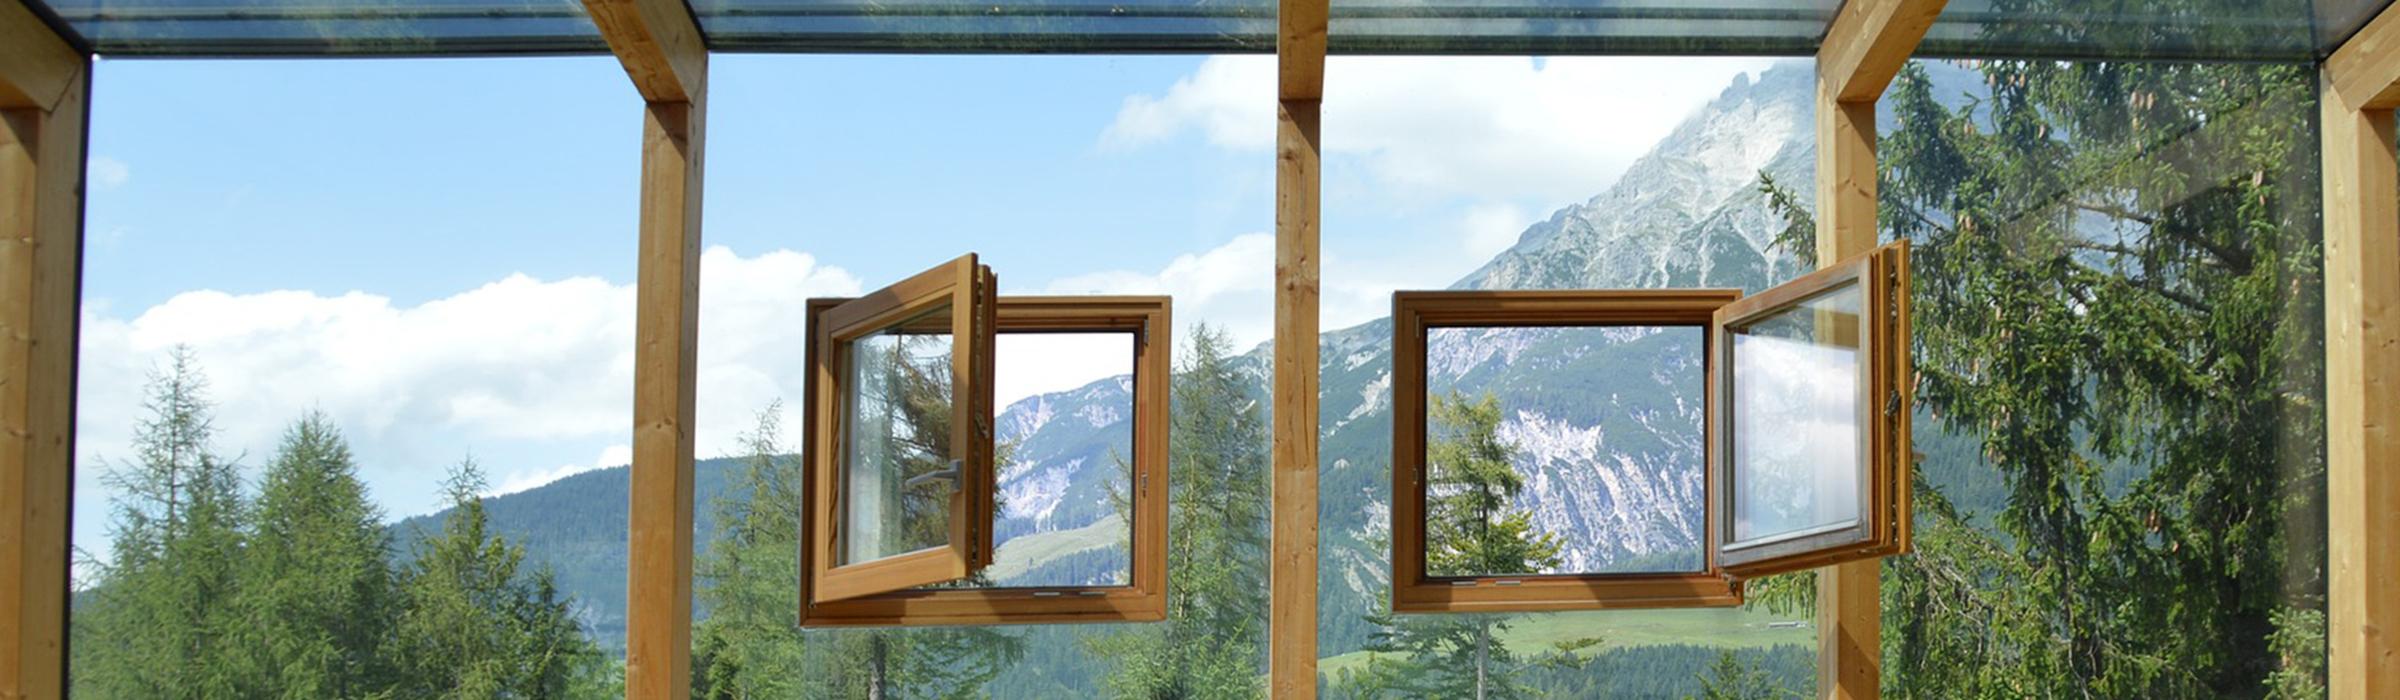 Slider Fenster